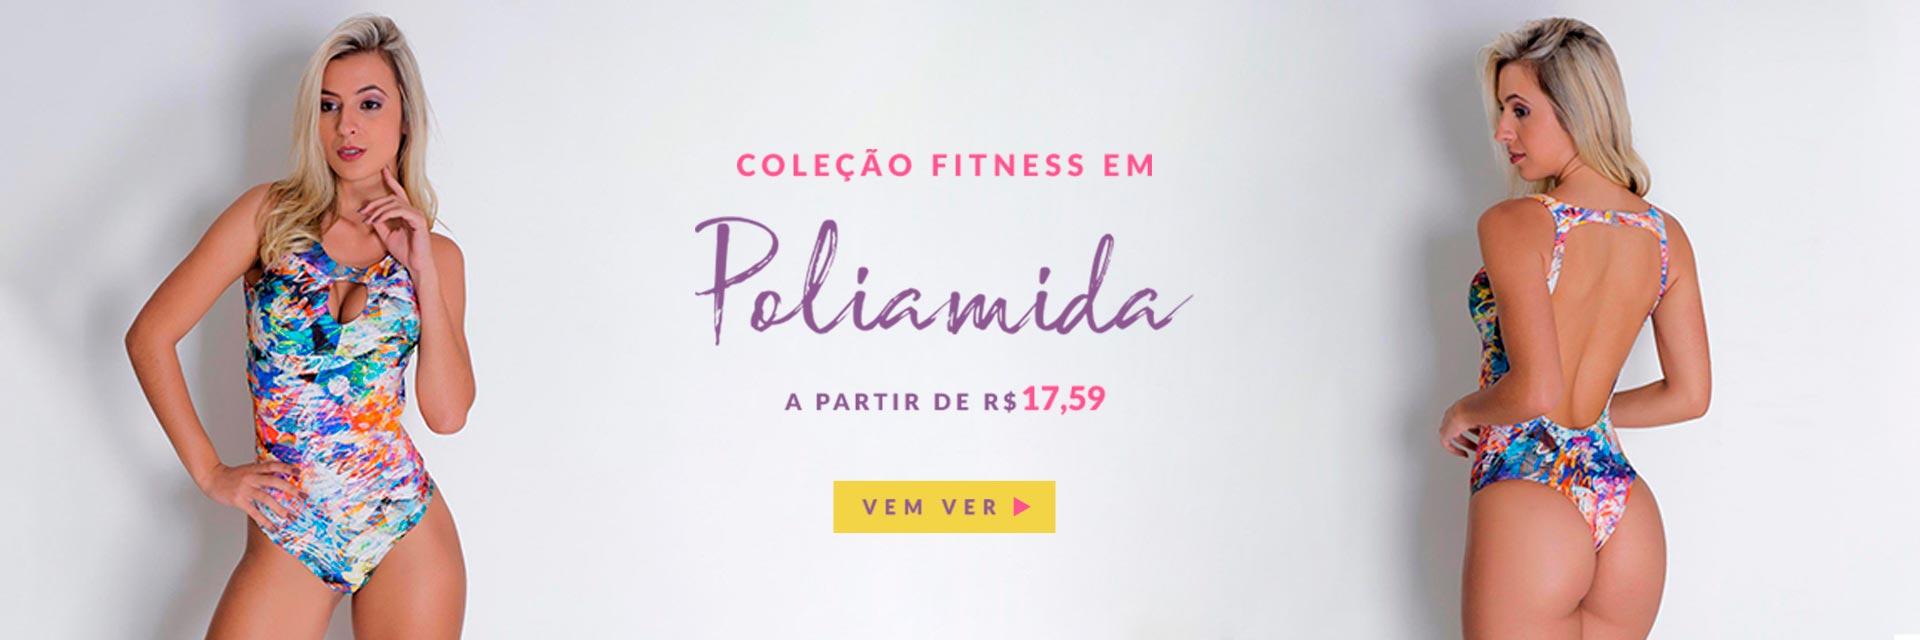 Coleção Fitness em Poliamida